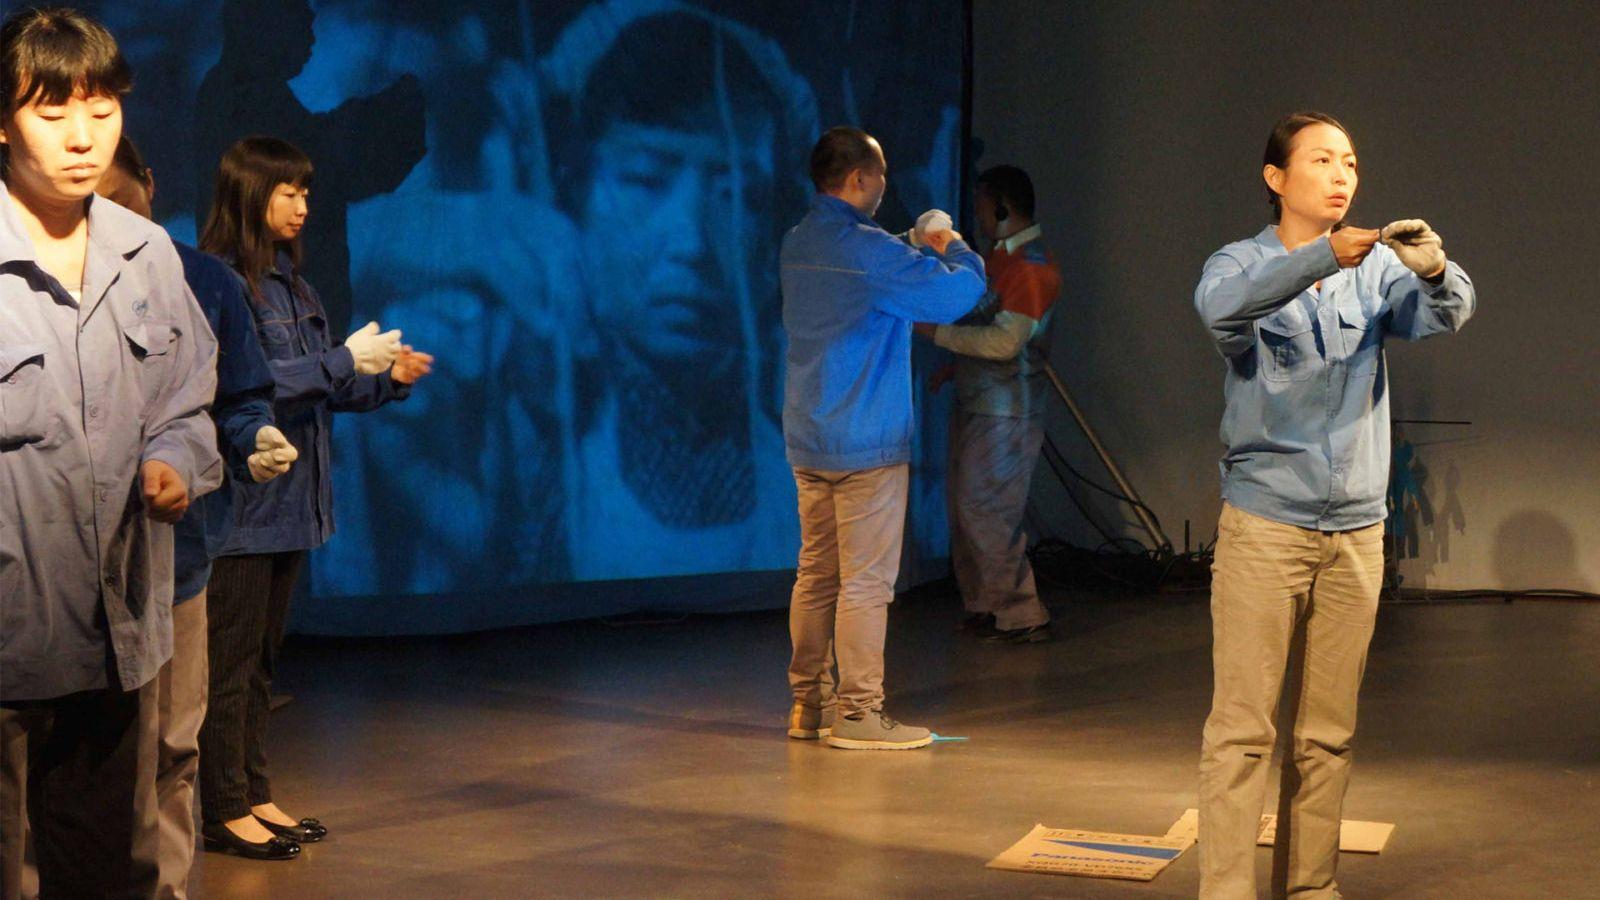 """Fünf Frauen und Männer stehen in einem Raum und verrichten mit trauriger Mine die gleichen Handbwewgungen: Aufführung des Tücks """"World Factory"""" von Zhao Chuang"""